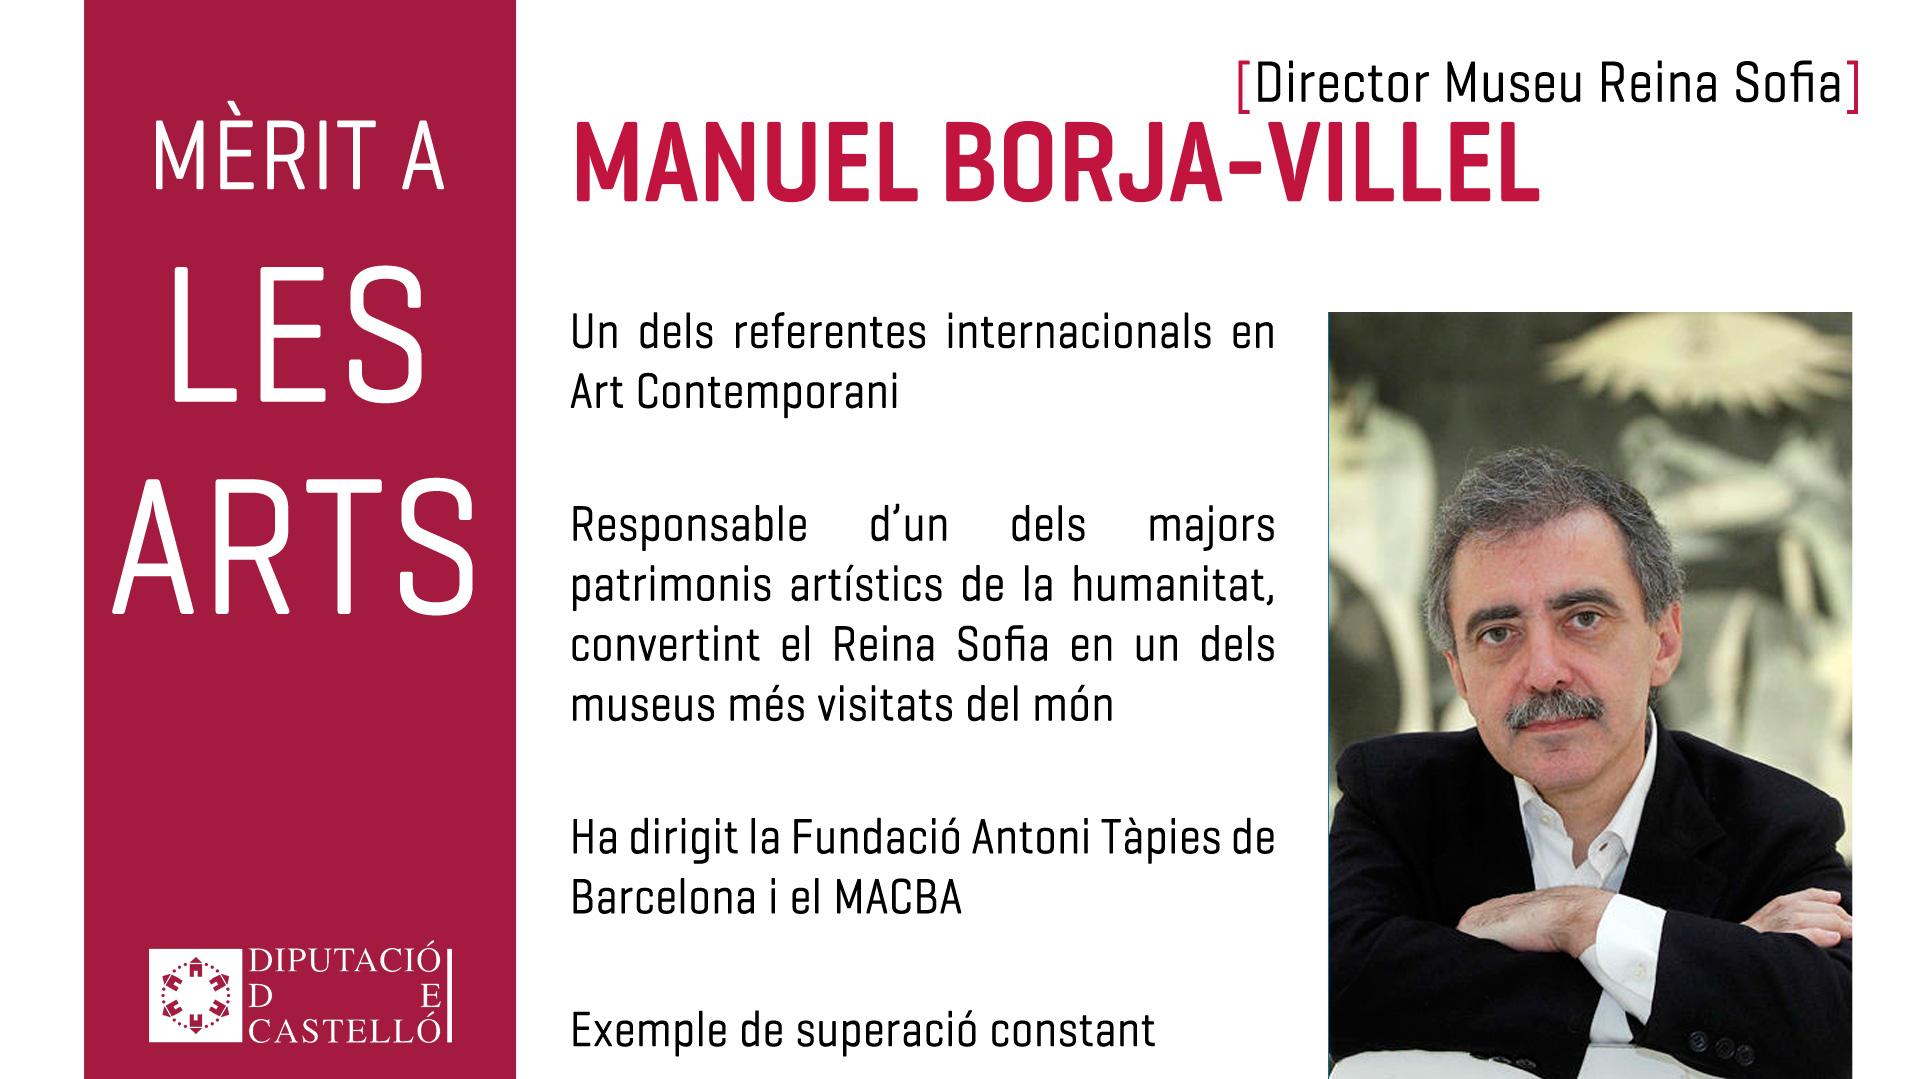 Manuel Borja Villel